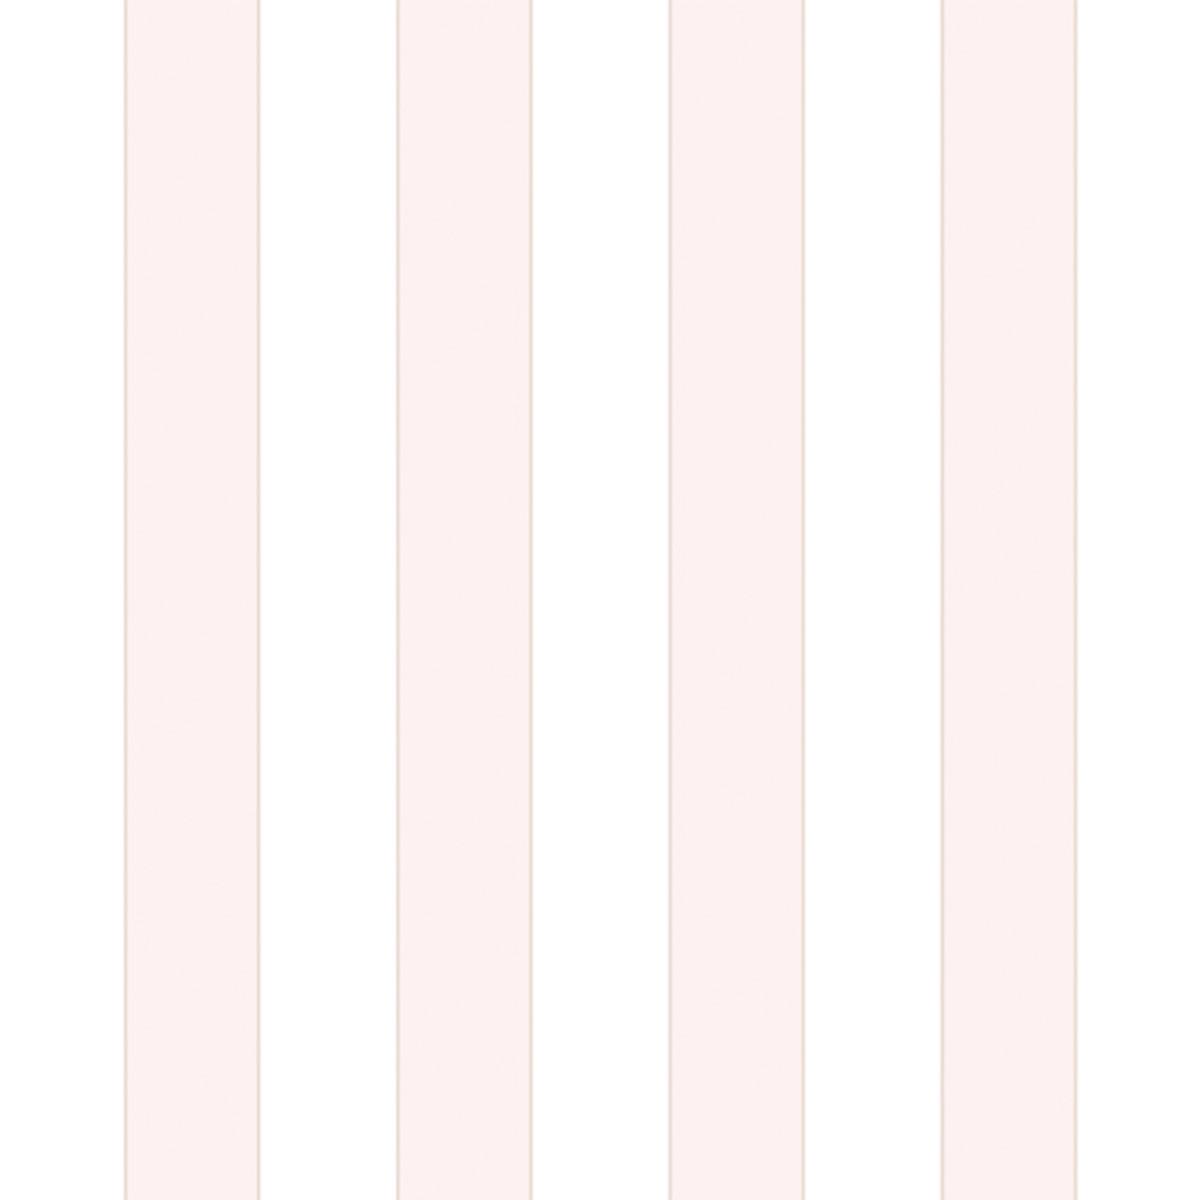 Обои виниловые Gaenari розовые 1.06 м A5117-2